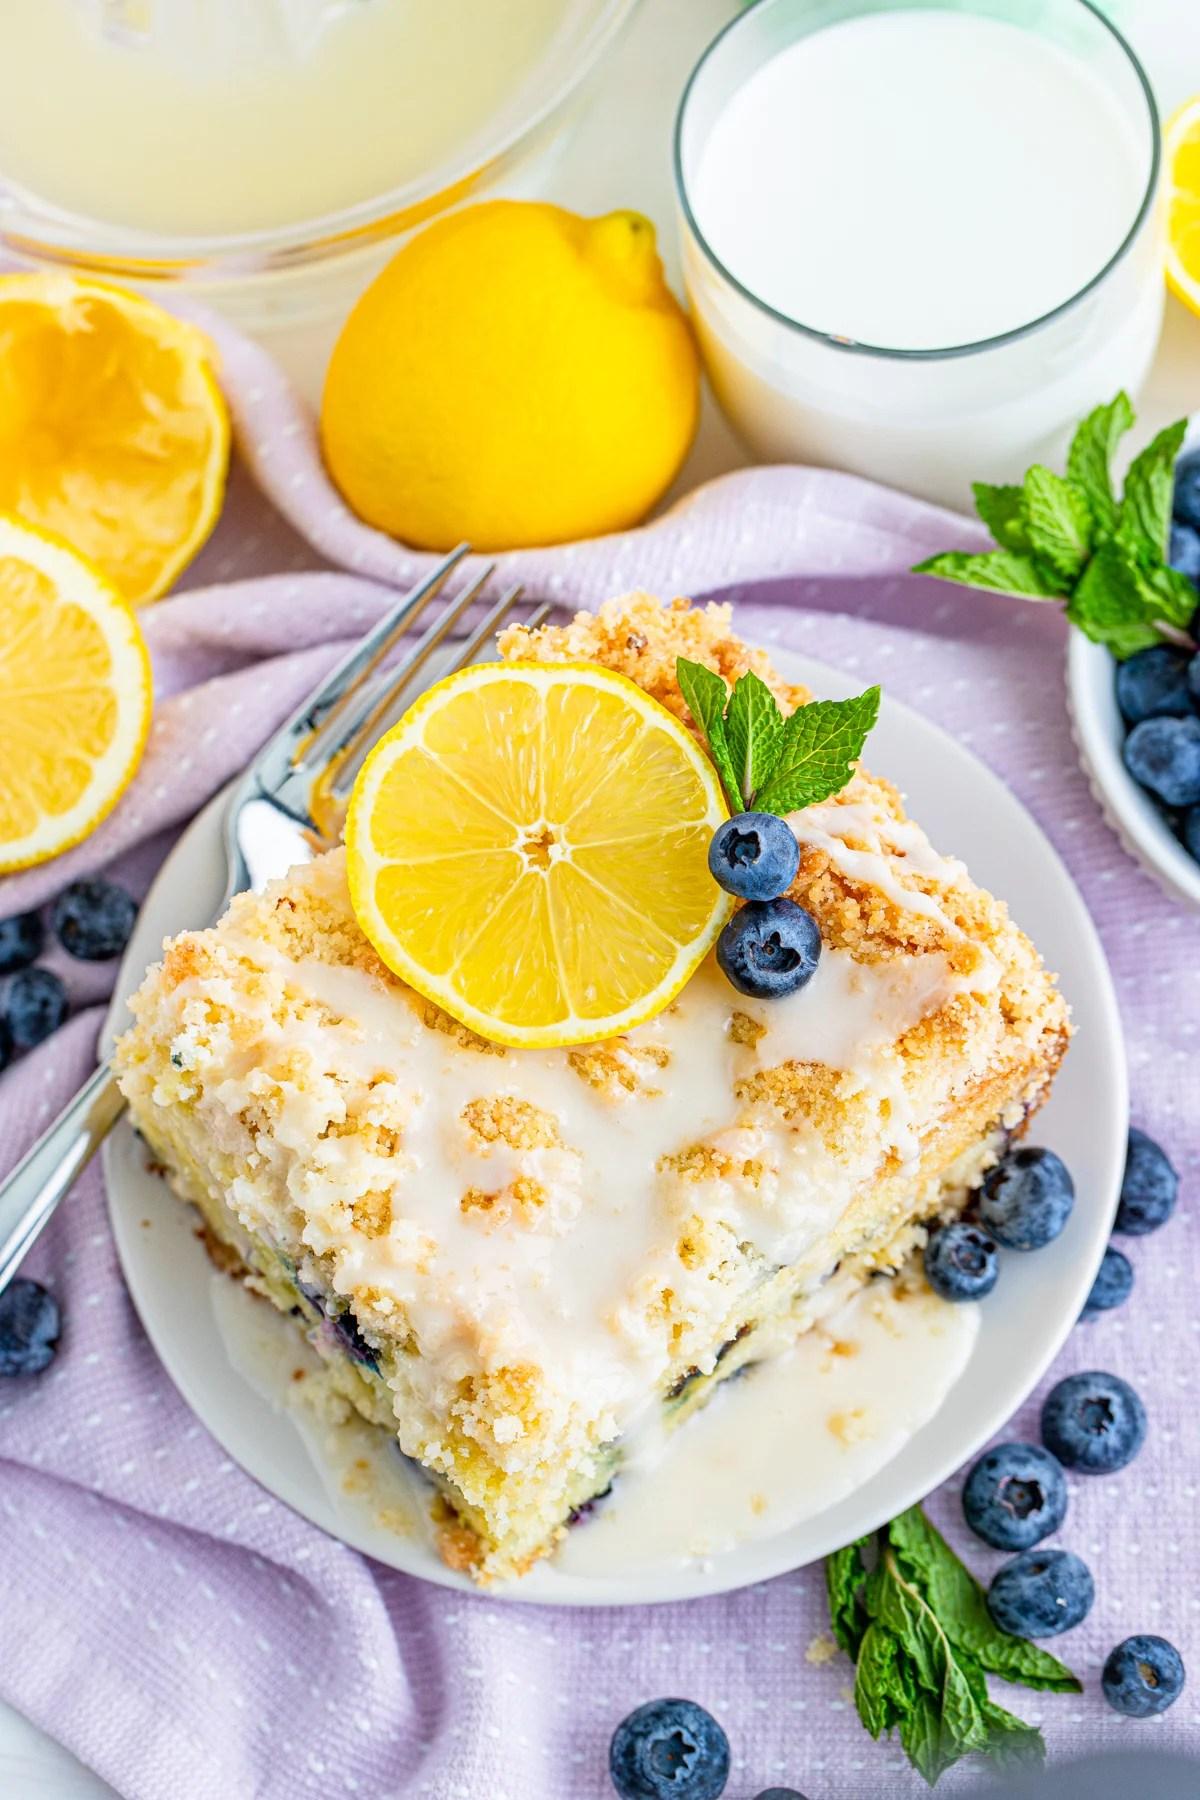 Overhead photo of slice of Lemon Blueberry Cake on white plate